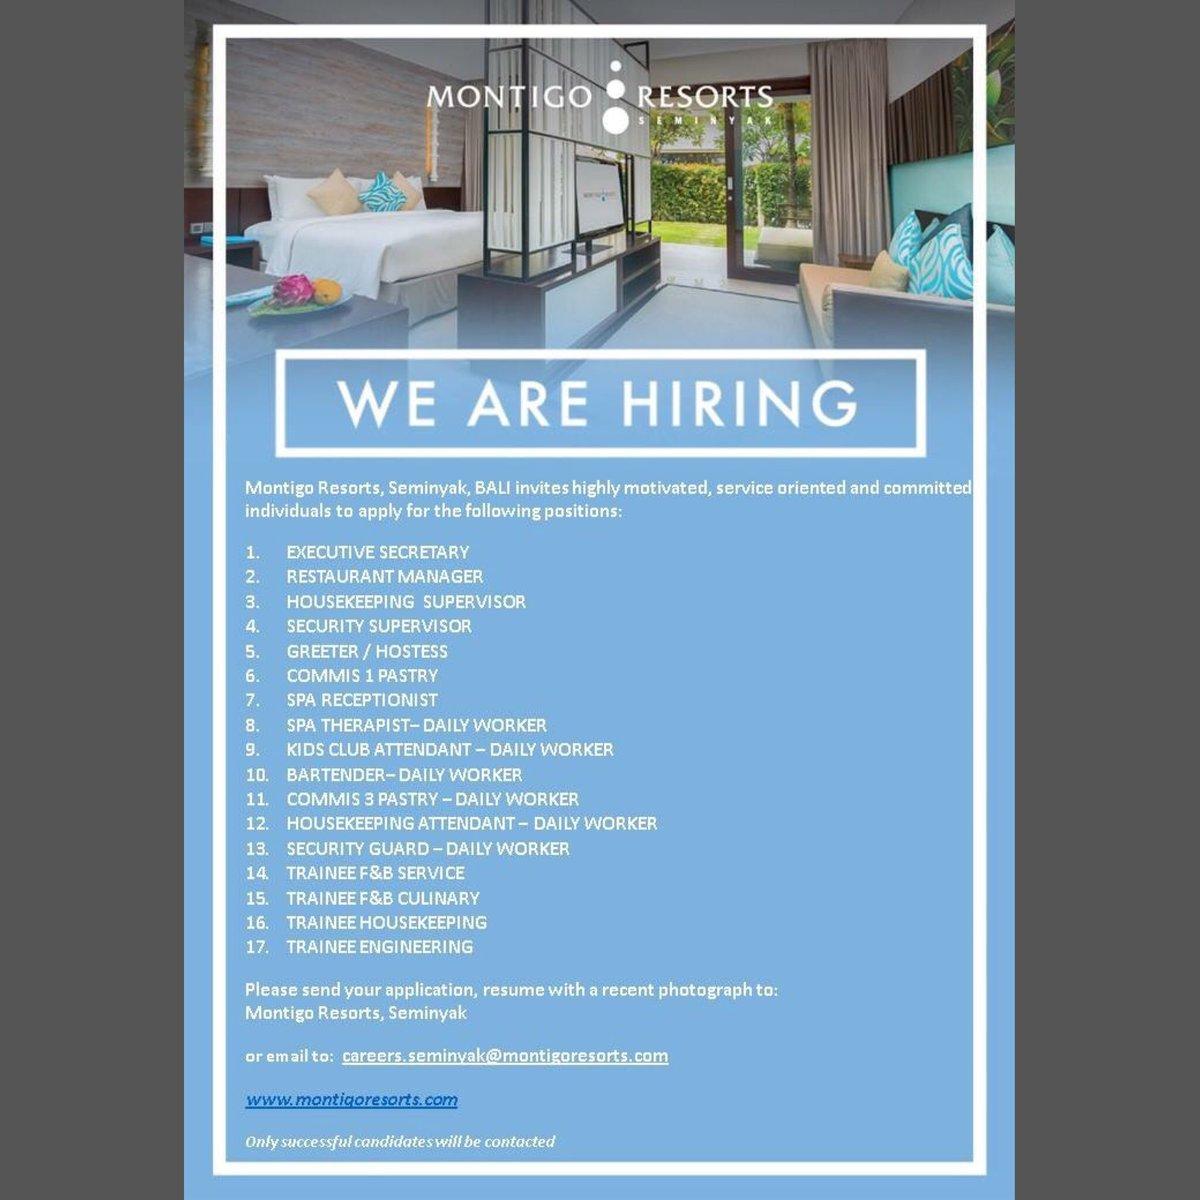 Lowongan Kerja Denpasar Bali No Twitter Follow Lokerdenpasar Untuk Info Lowongan Kerja Lainnya Tag Dm Orang Yang Membutuhkan Pekerjaan Beritahu Penyedia Pekerjaan Anda Mengetahui Informasi Dari Lokerdenpasar